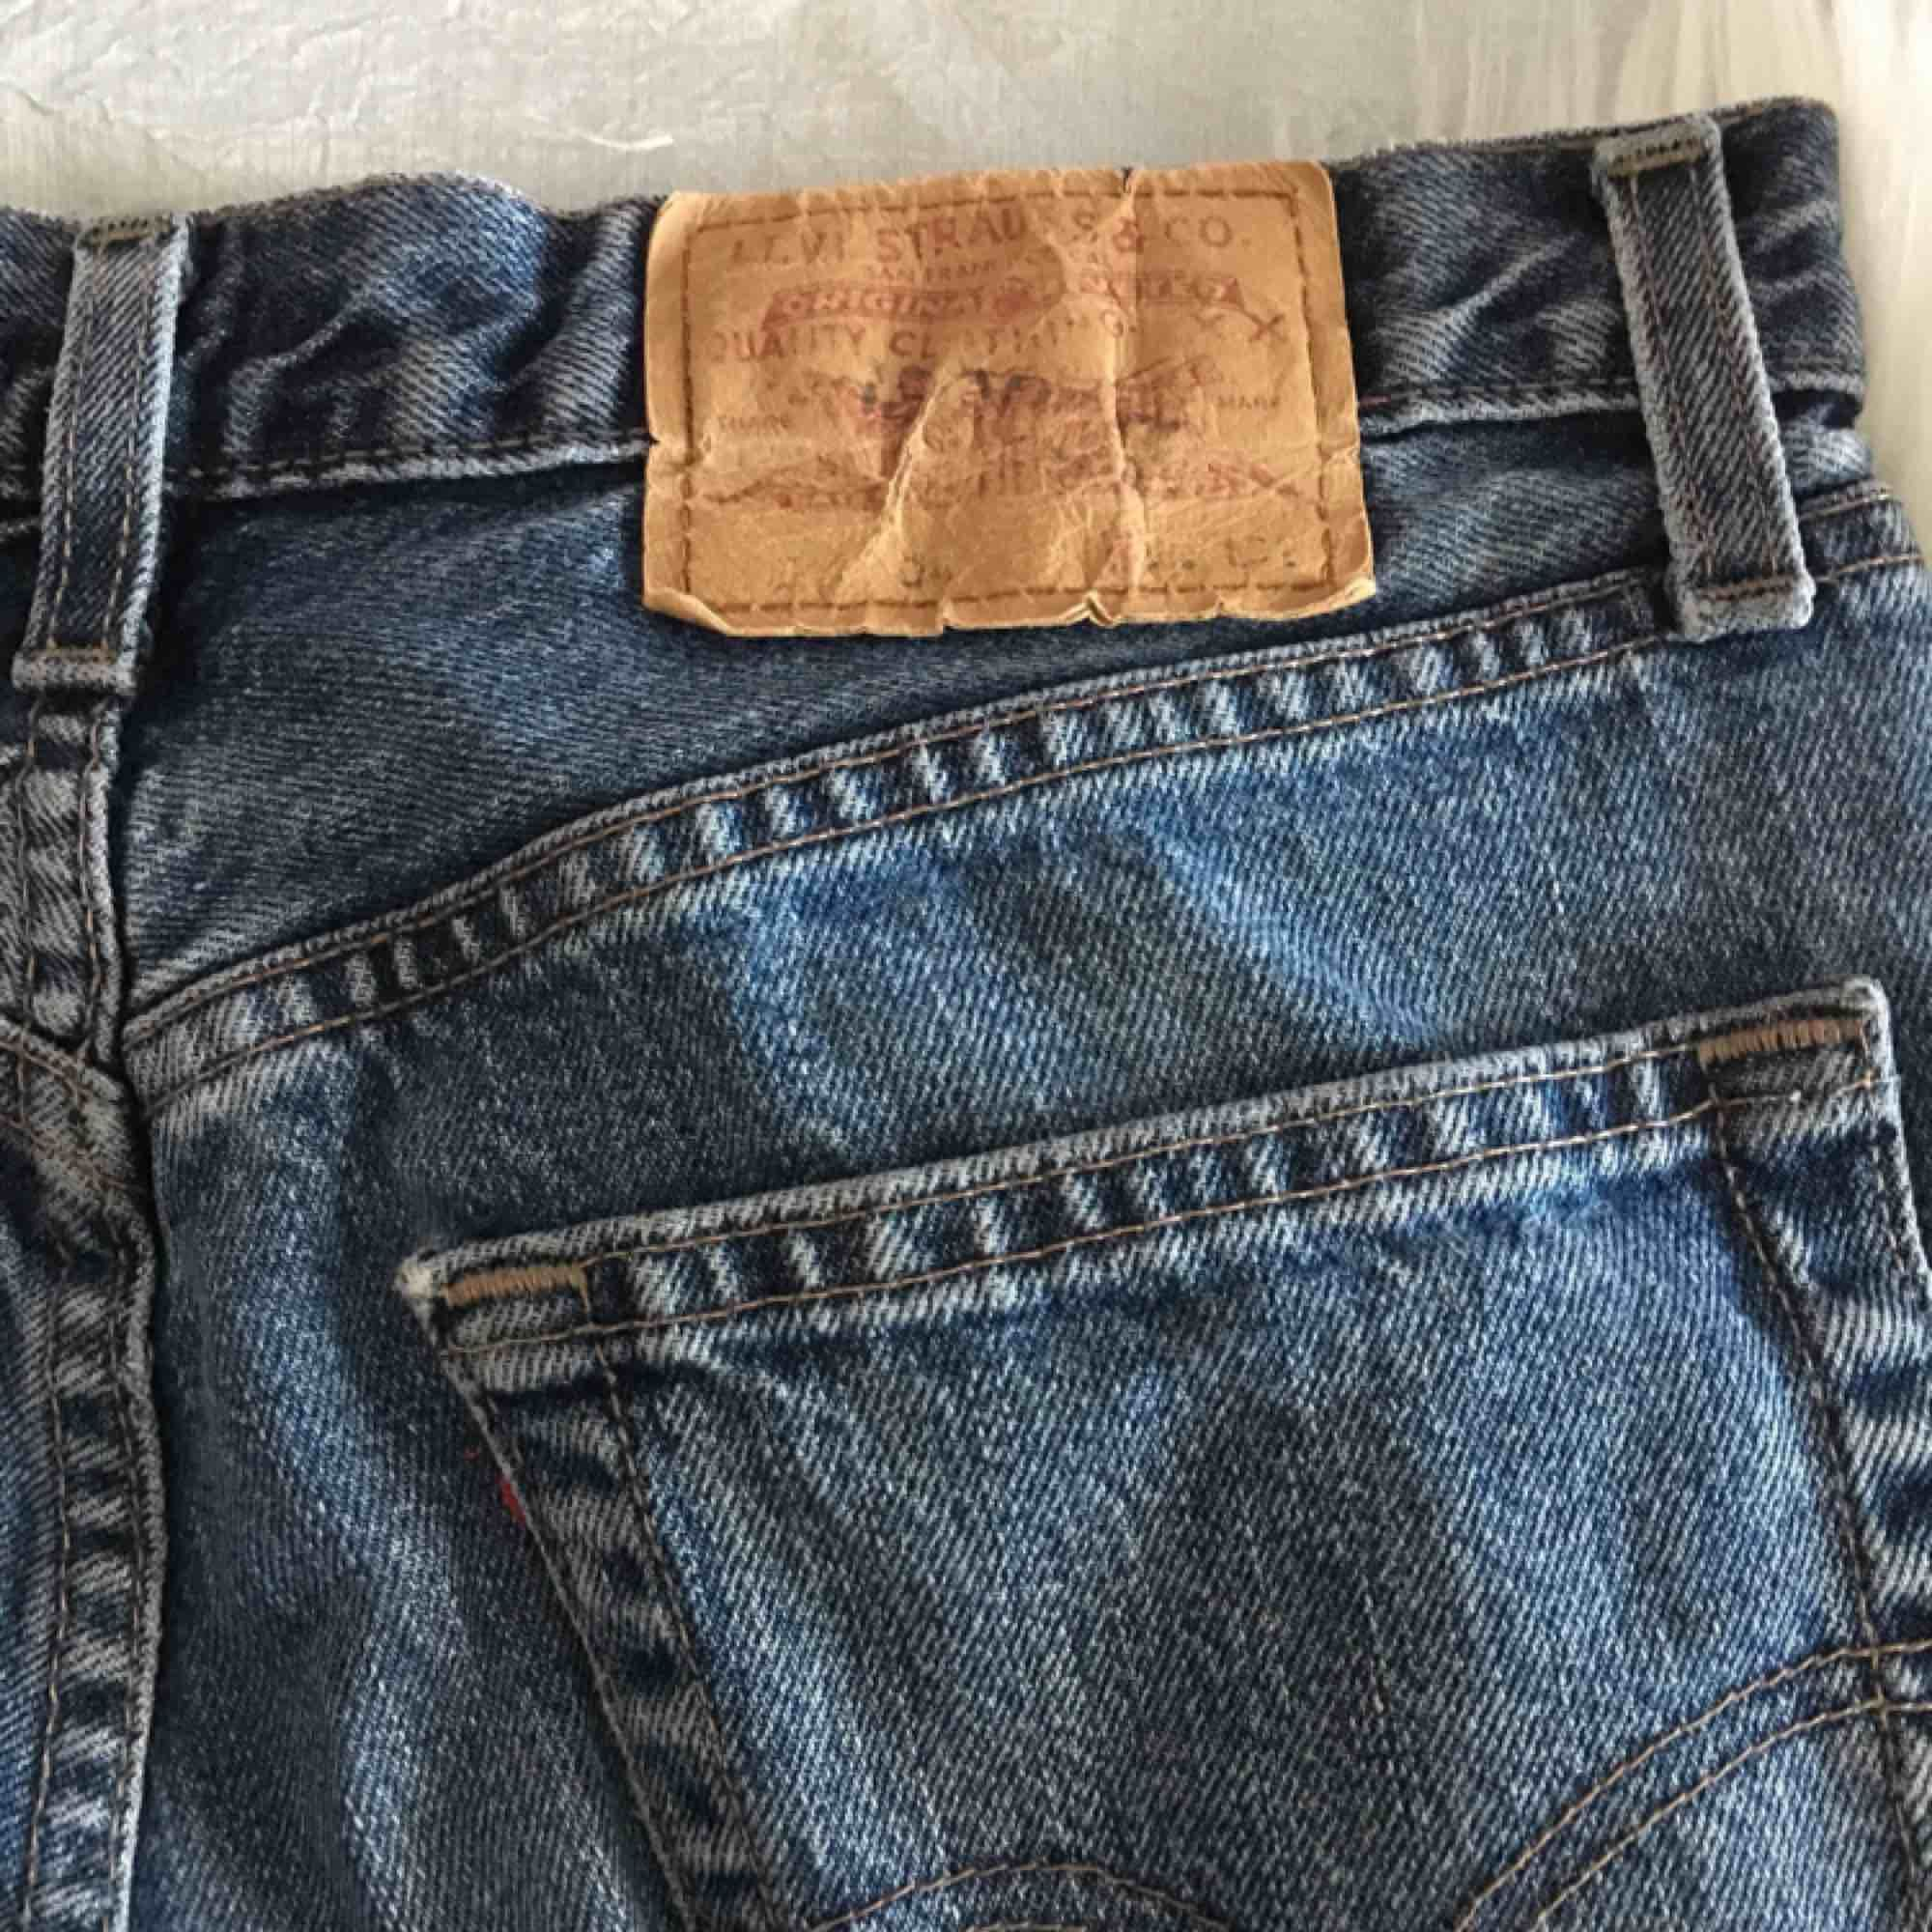 Äkta Levi s från 70talet då det - Levi s Jeans   Byxor - Second Hand 8bbeee17daa7a